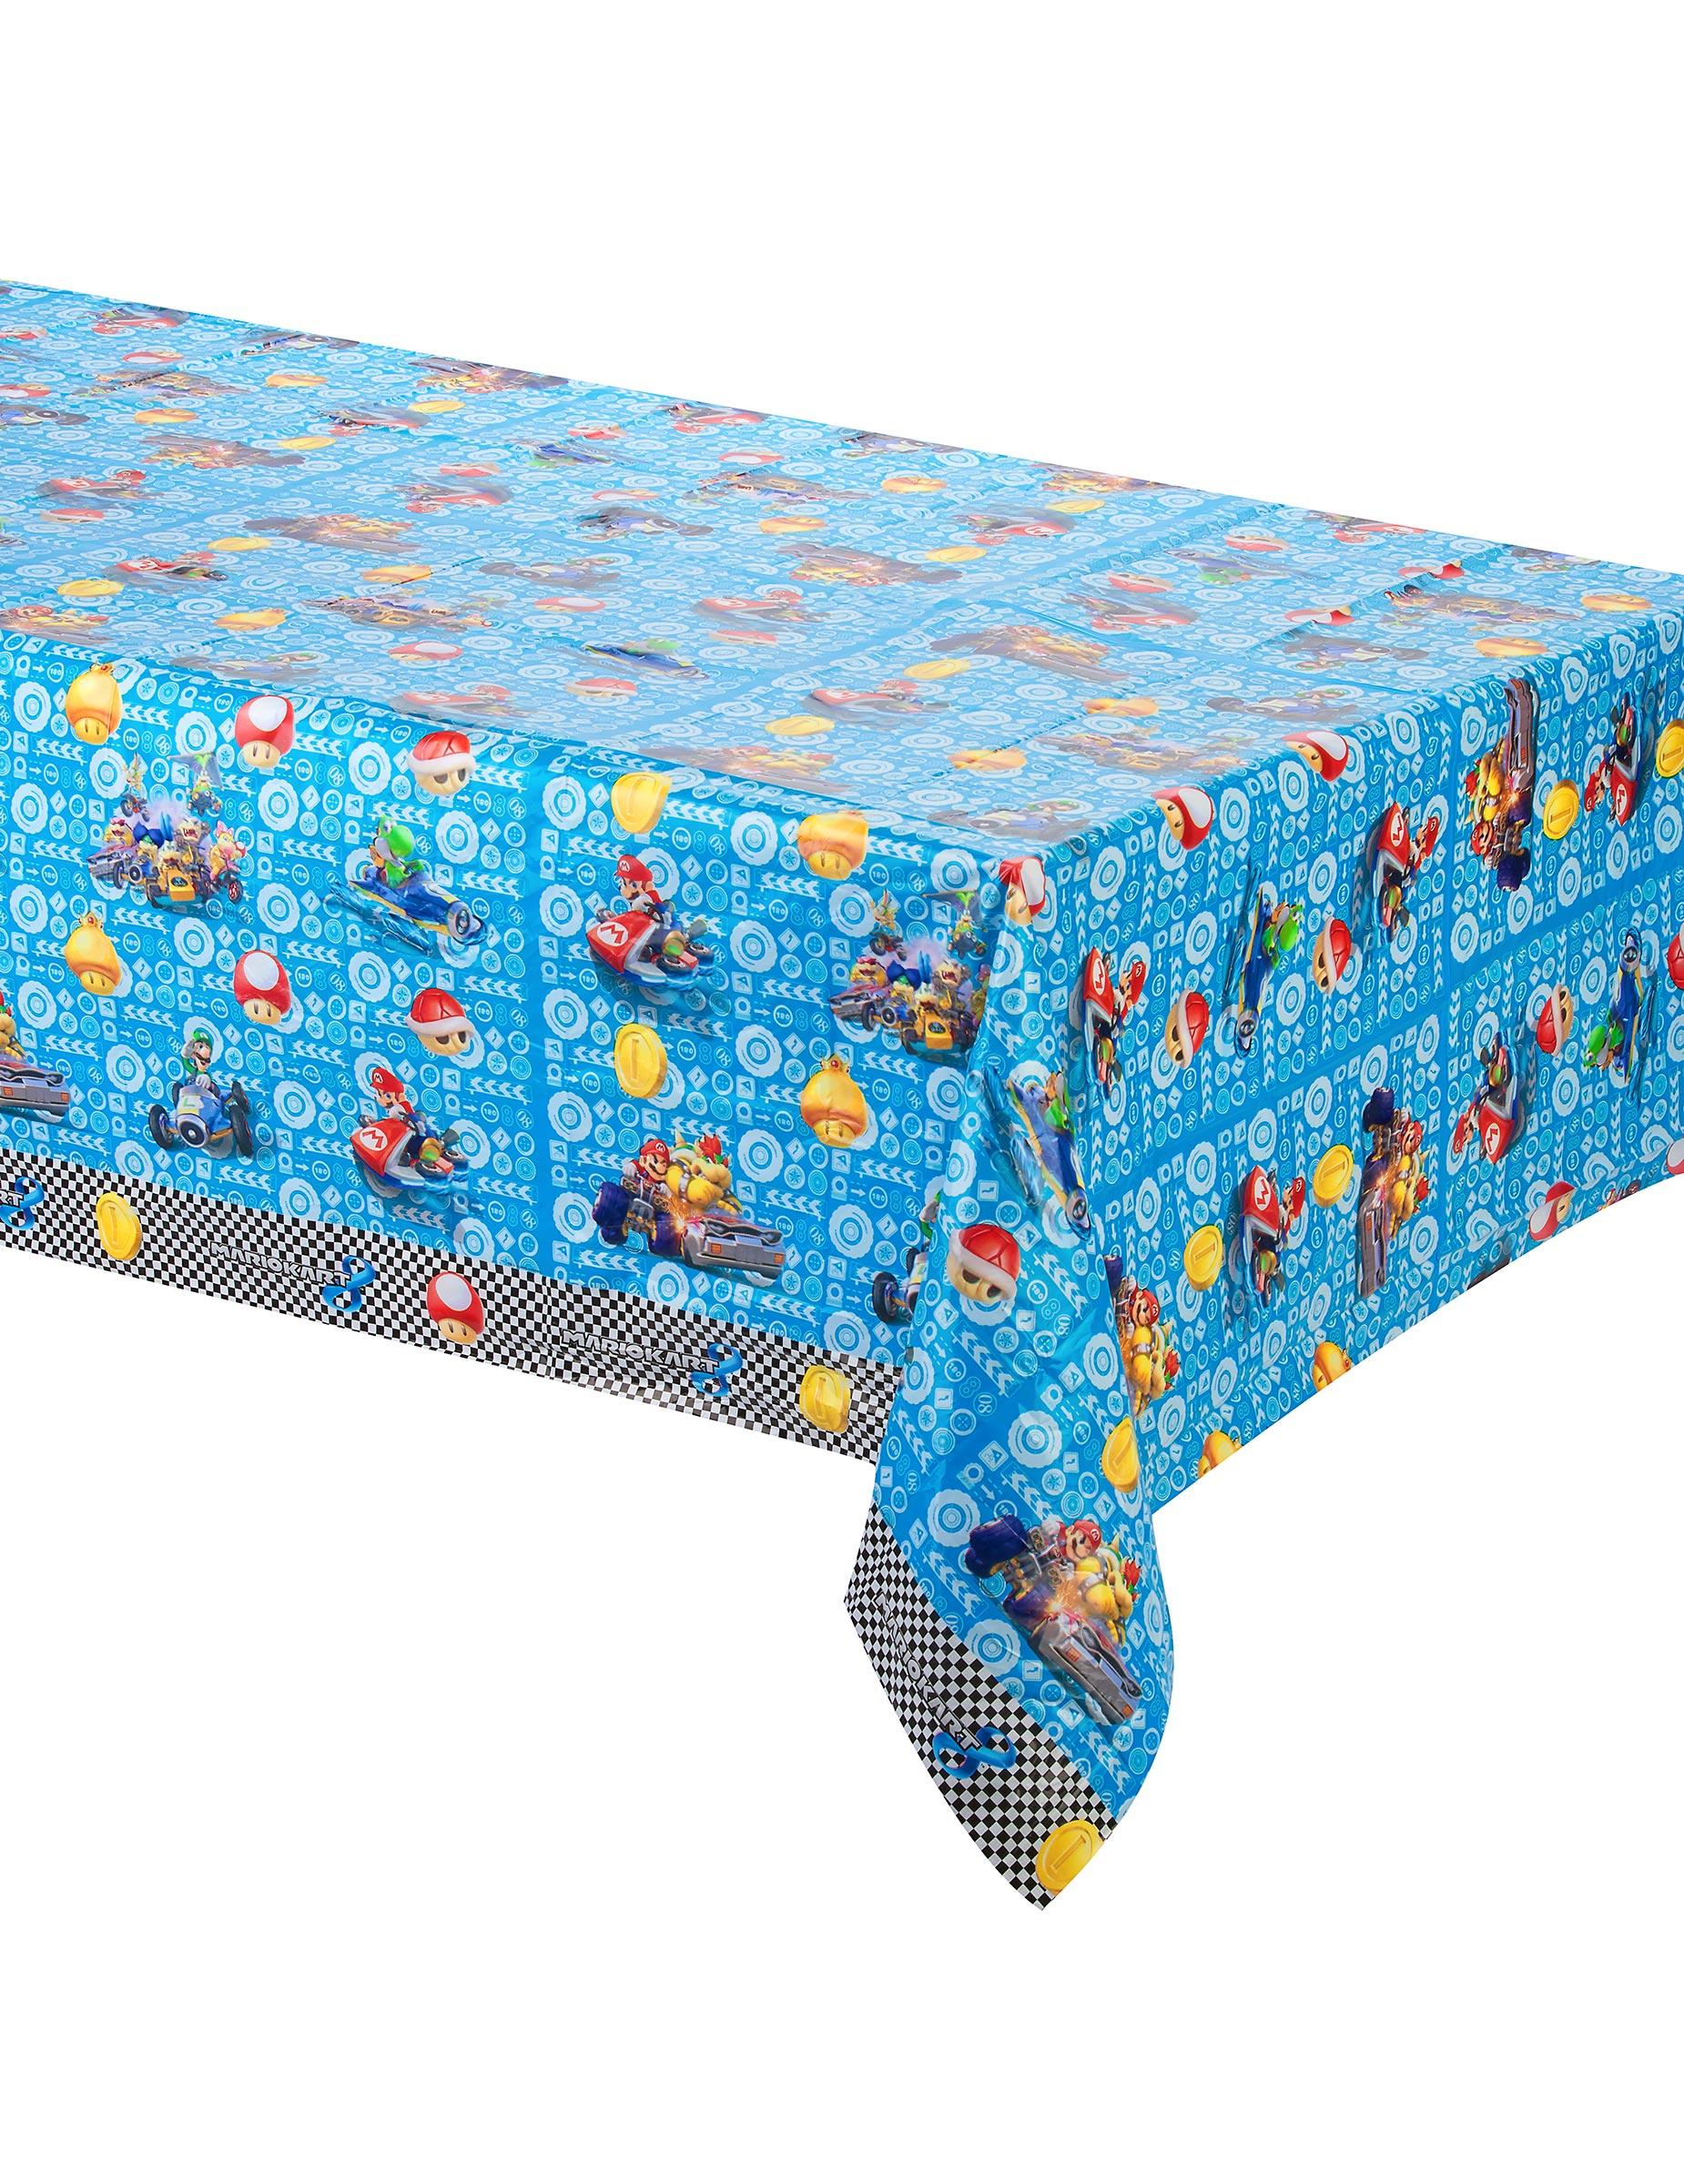 Mantel de pl stico super mario 138x183 cm decoraci n y disfraces originales baratos vegaoo - Mantel plastico ...